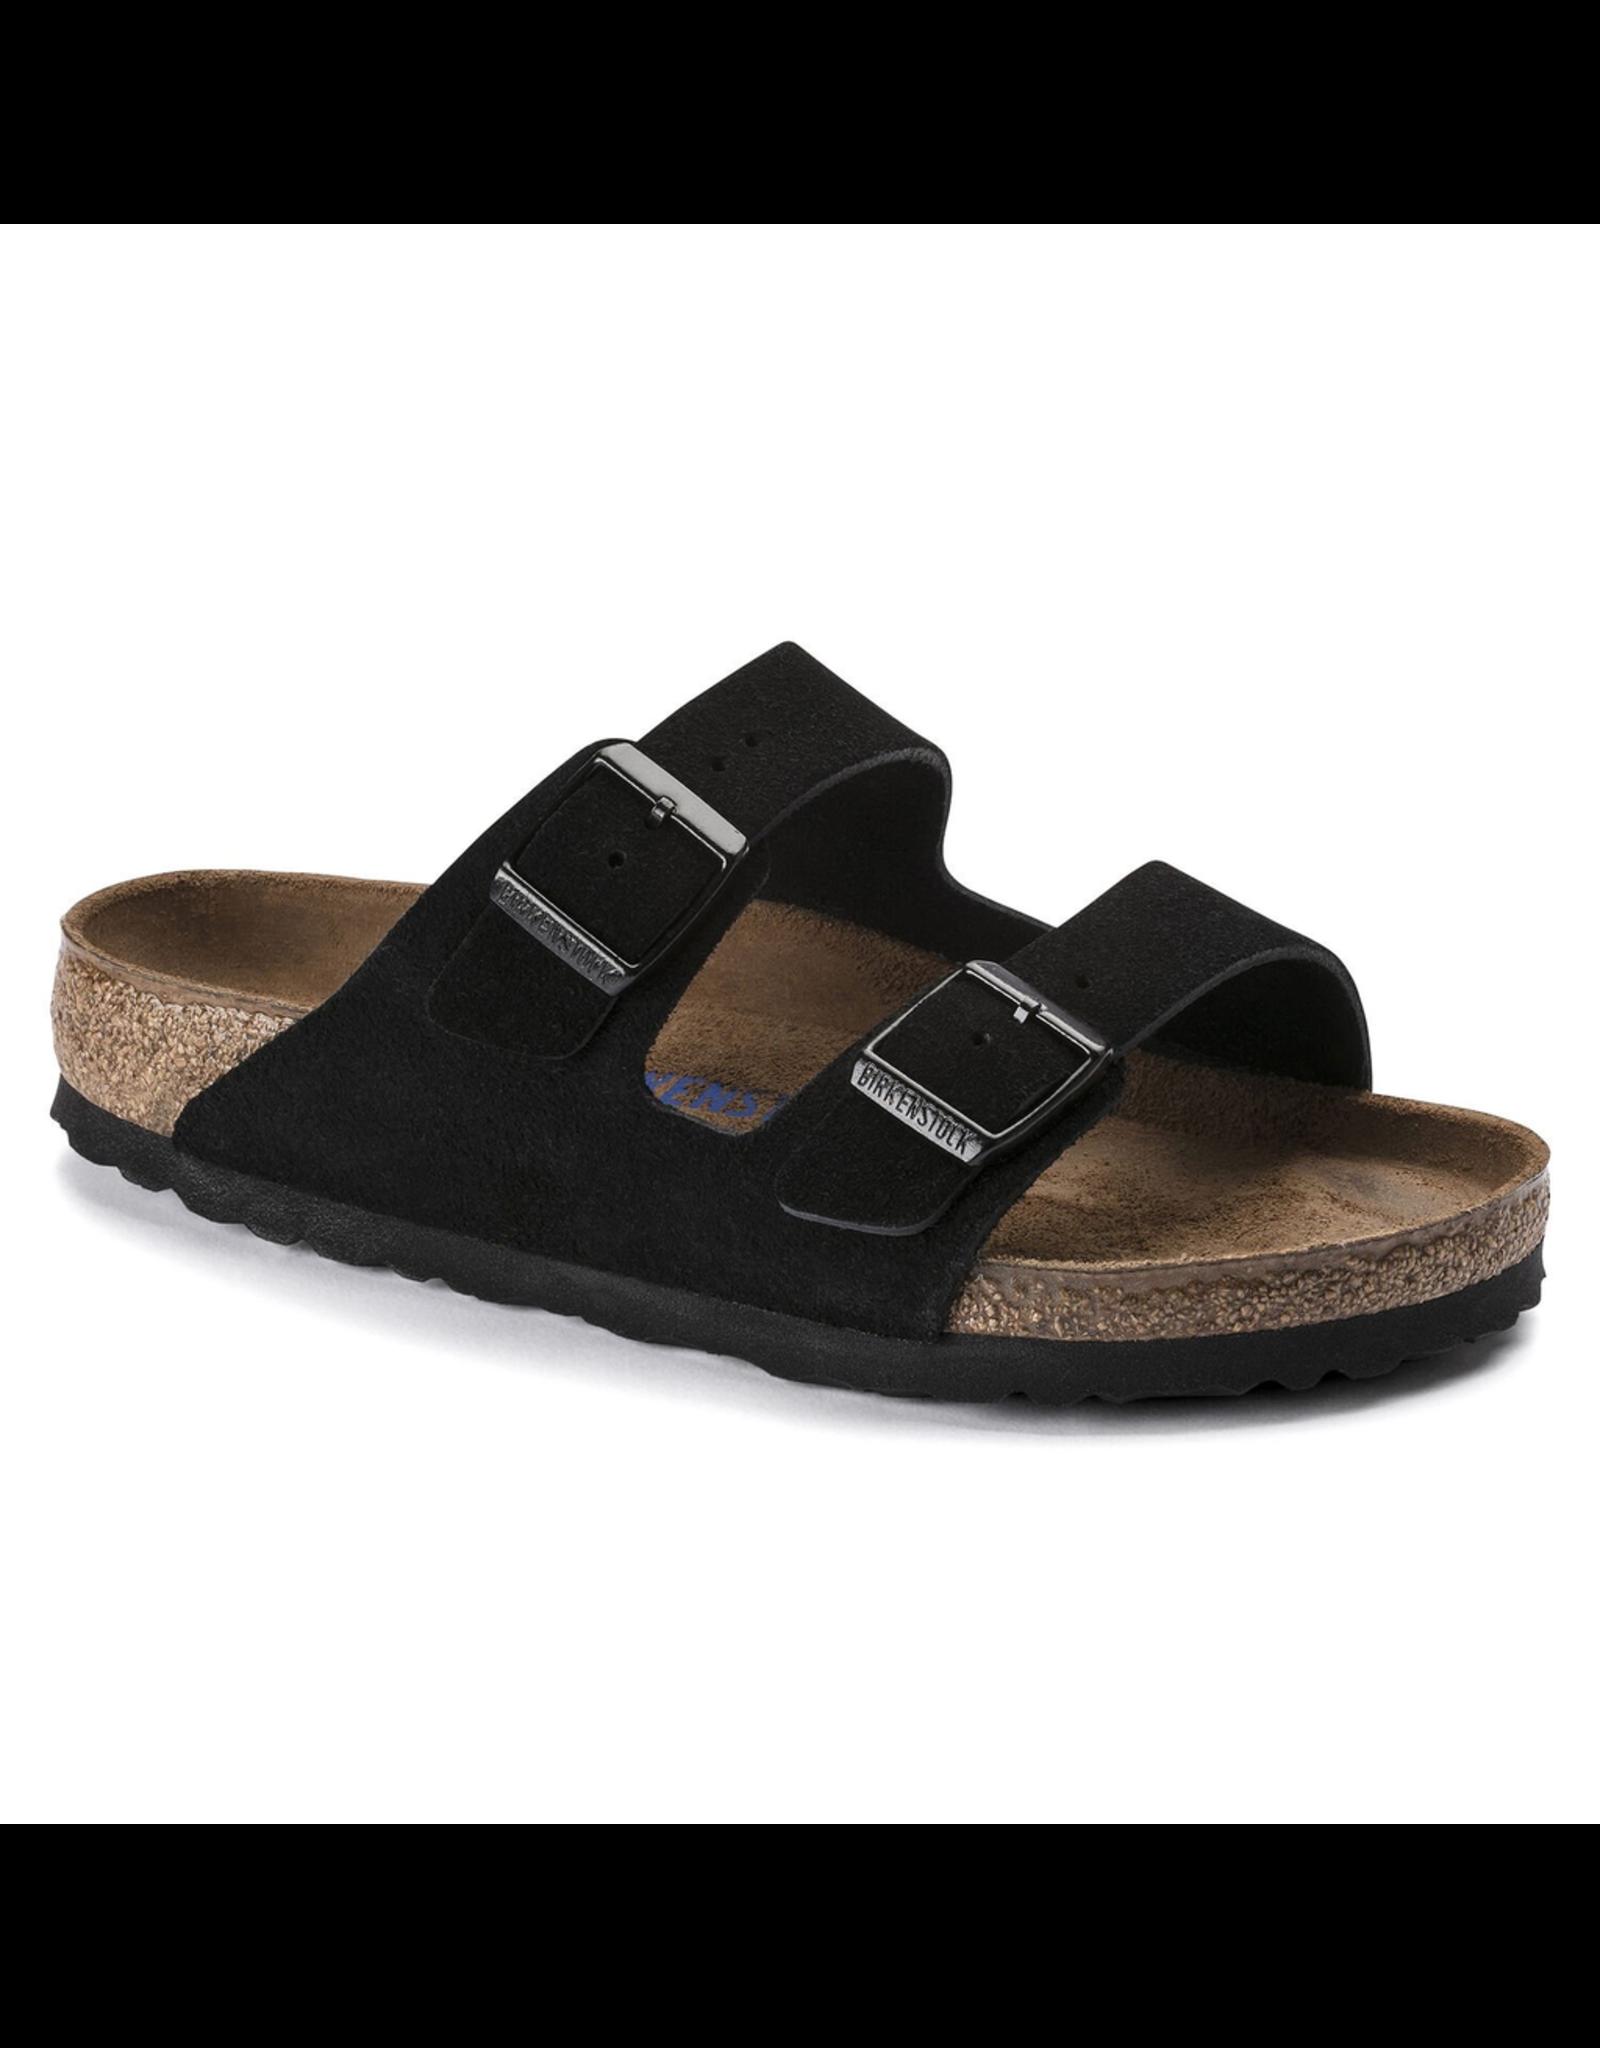 Birkenstock Arizona Soft Footbed Black Suede Sandal